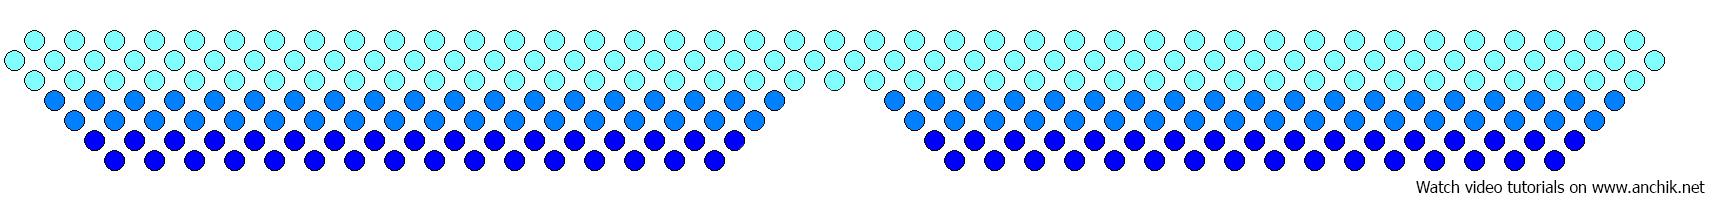 Воротничок из бусин схема